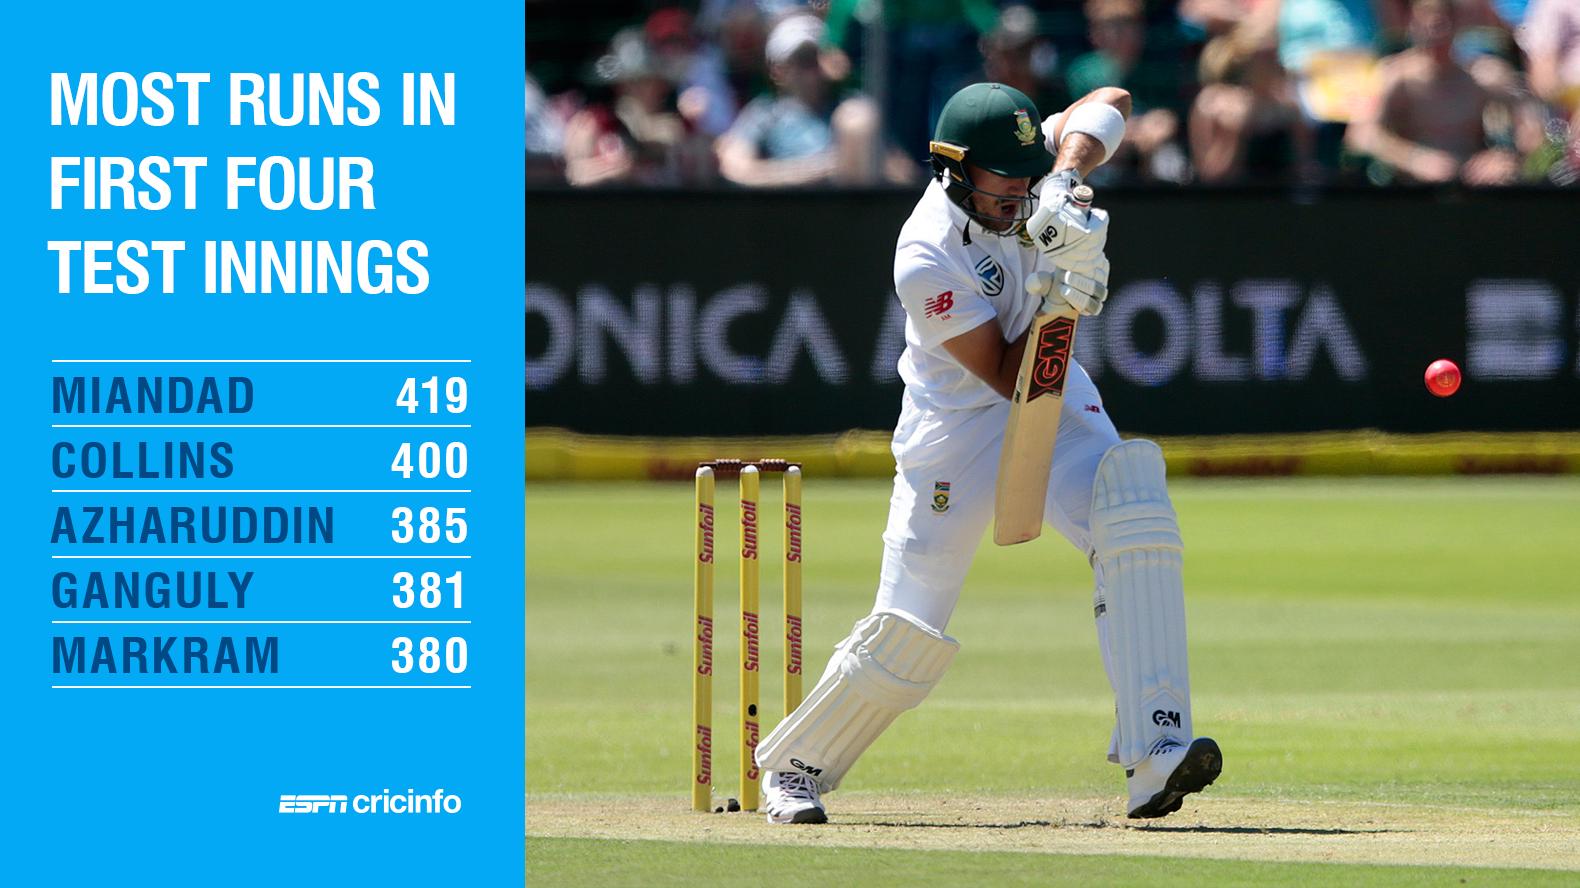 Markram's excellent start to Test career